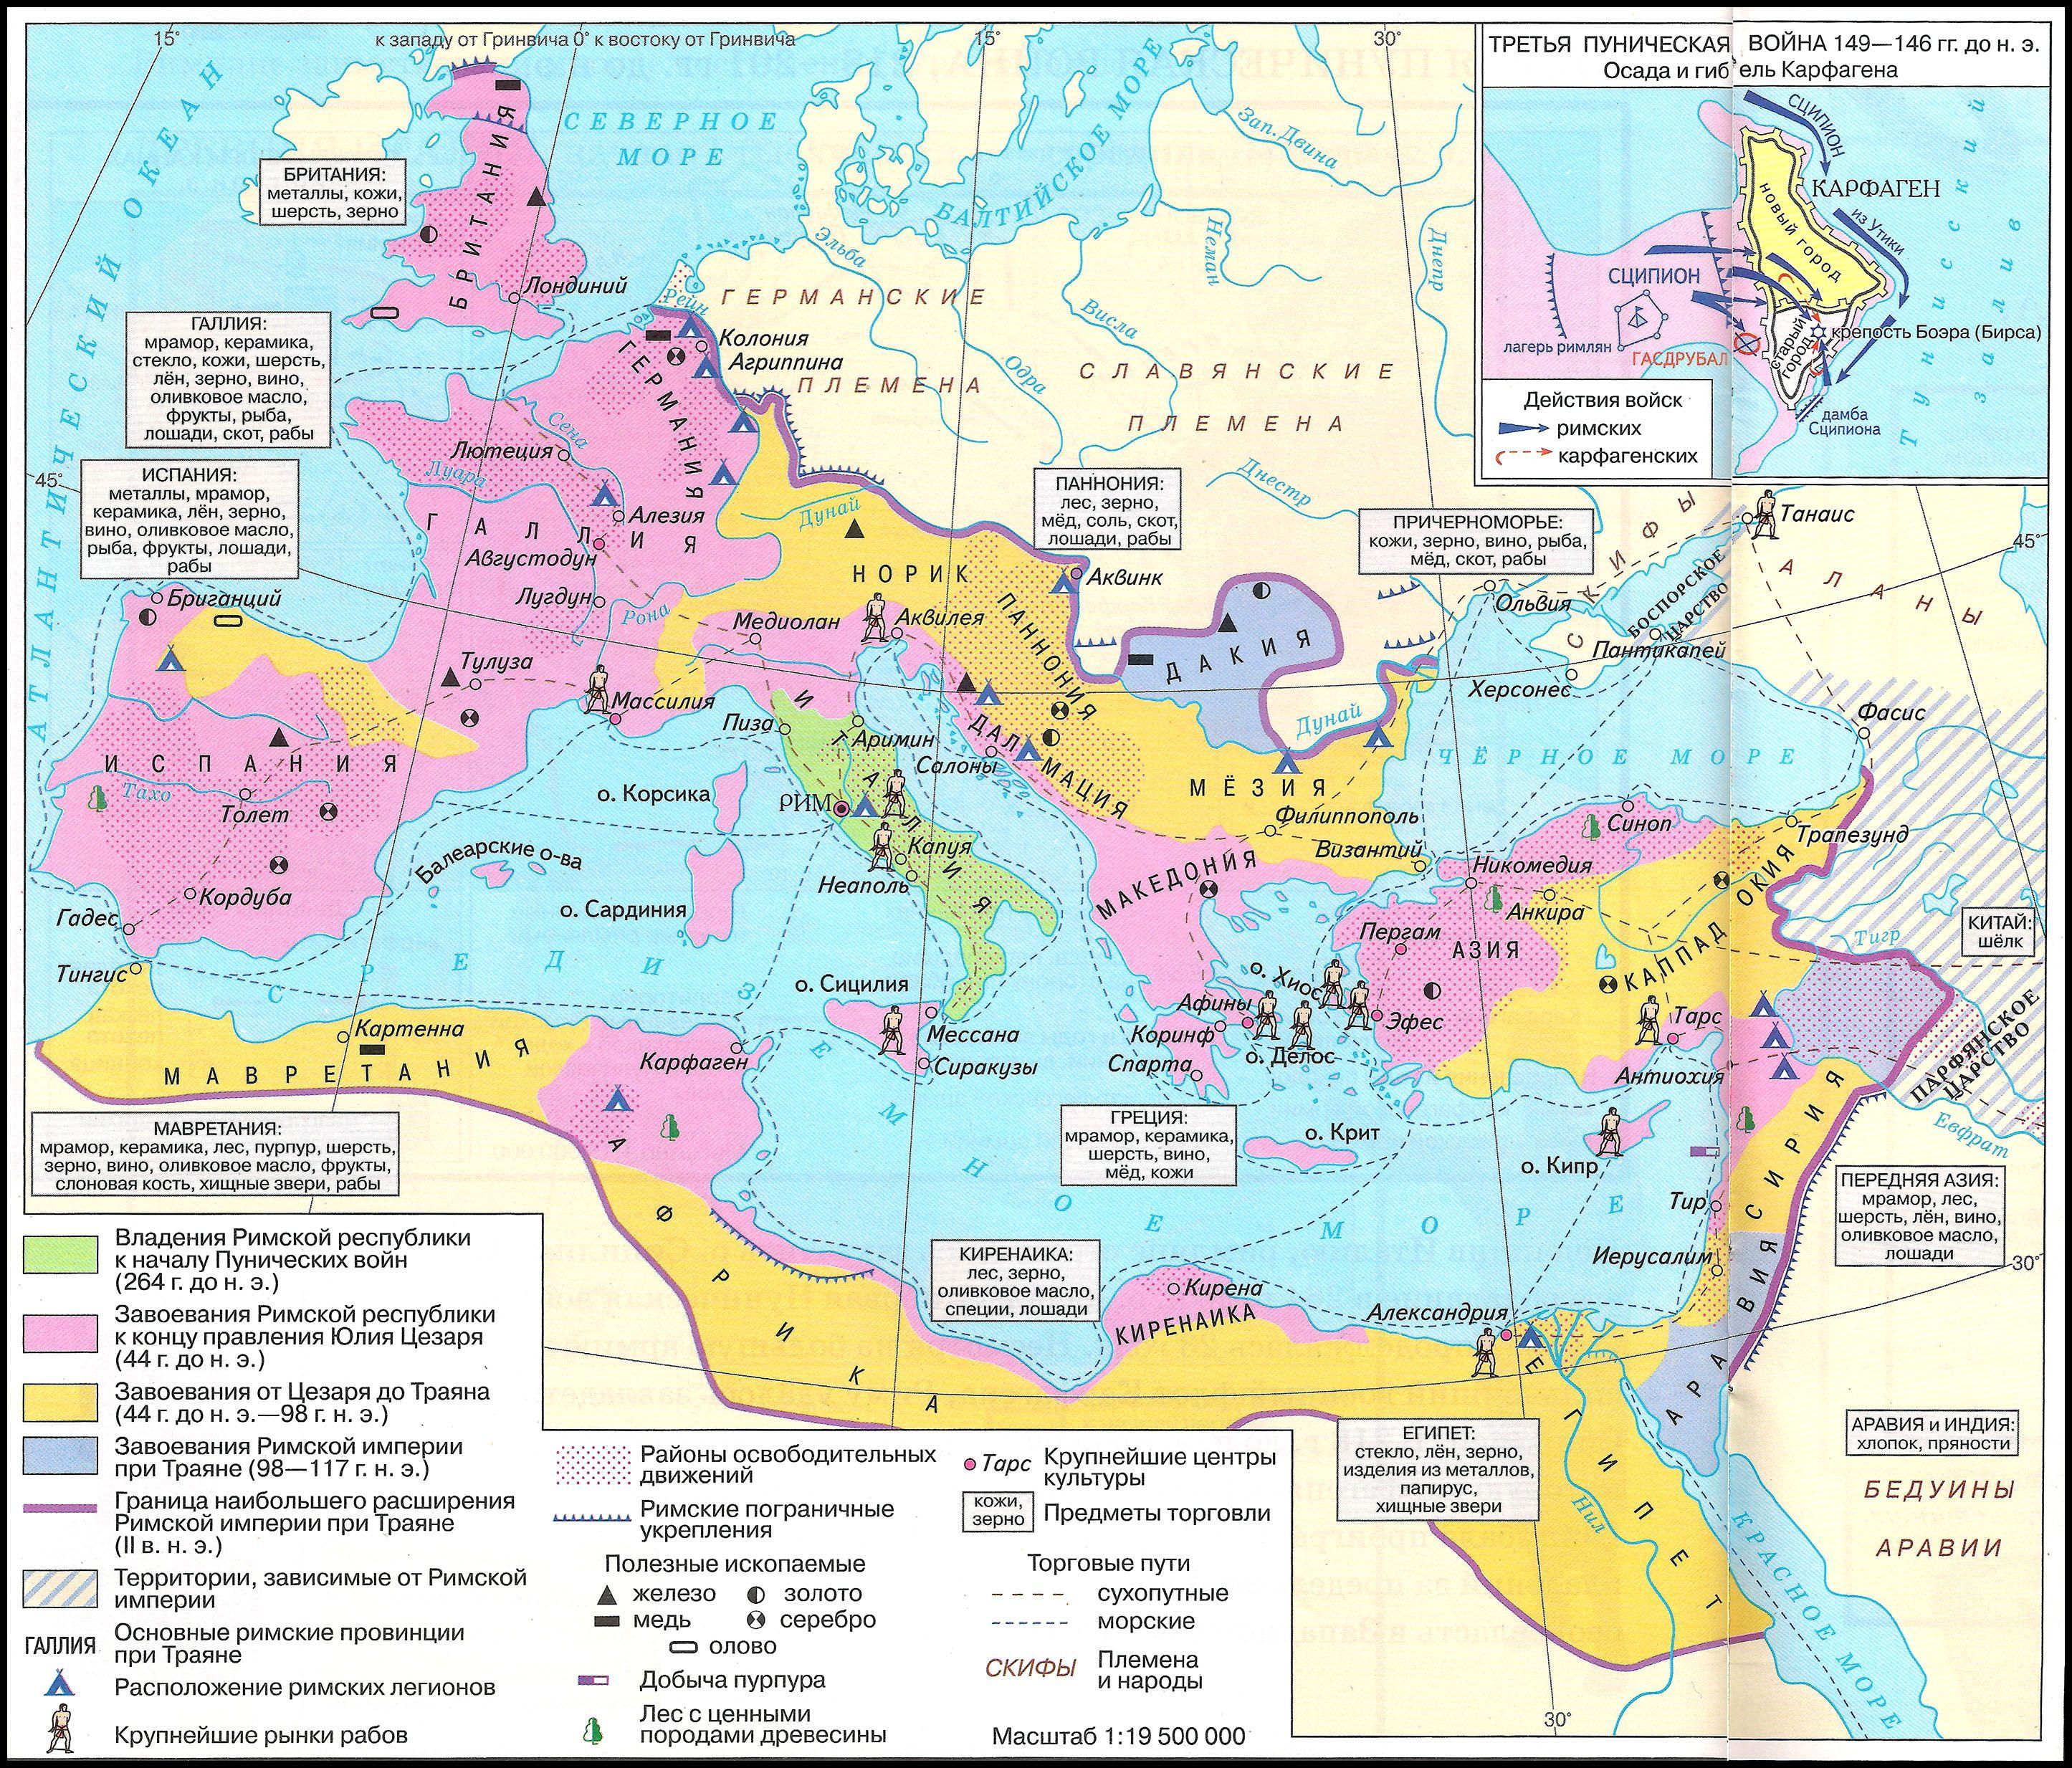 Римское государство, III в. до н.э. - II в. н.э.